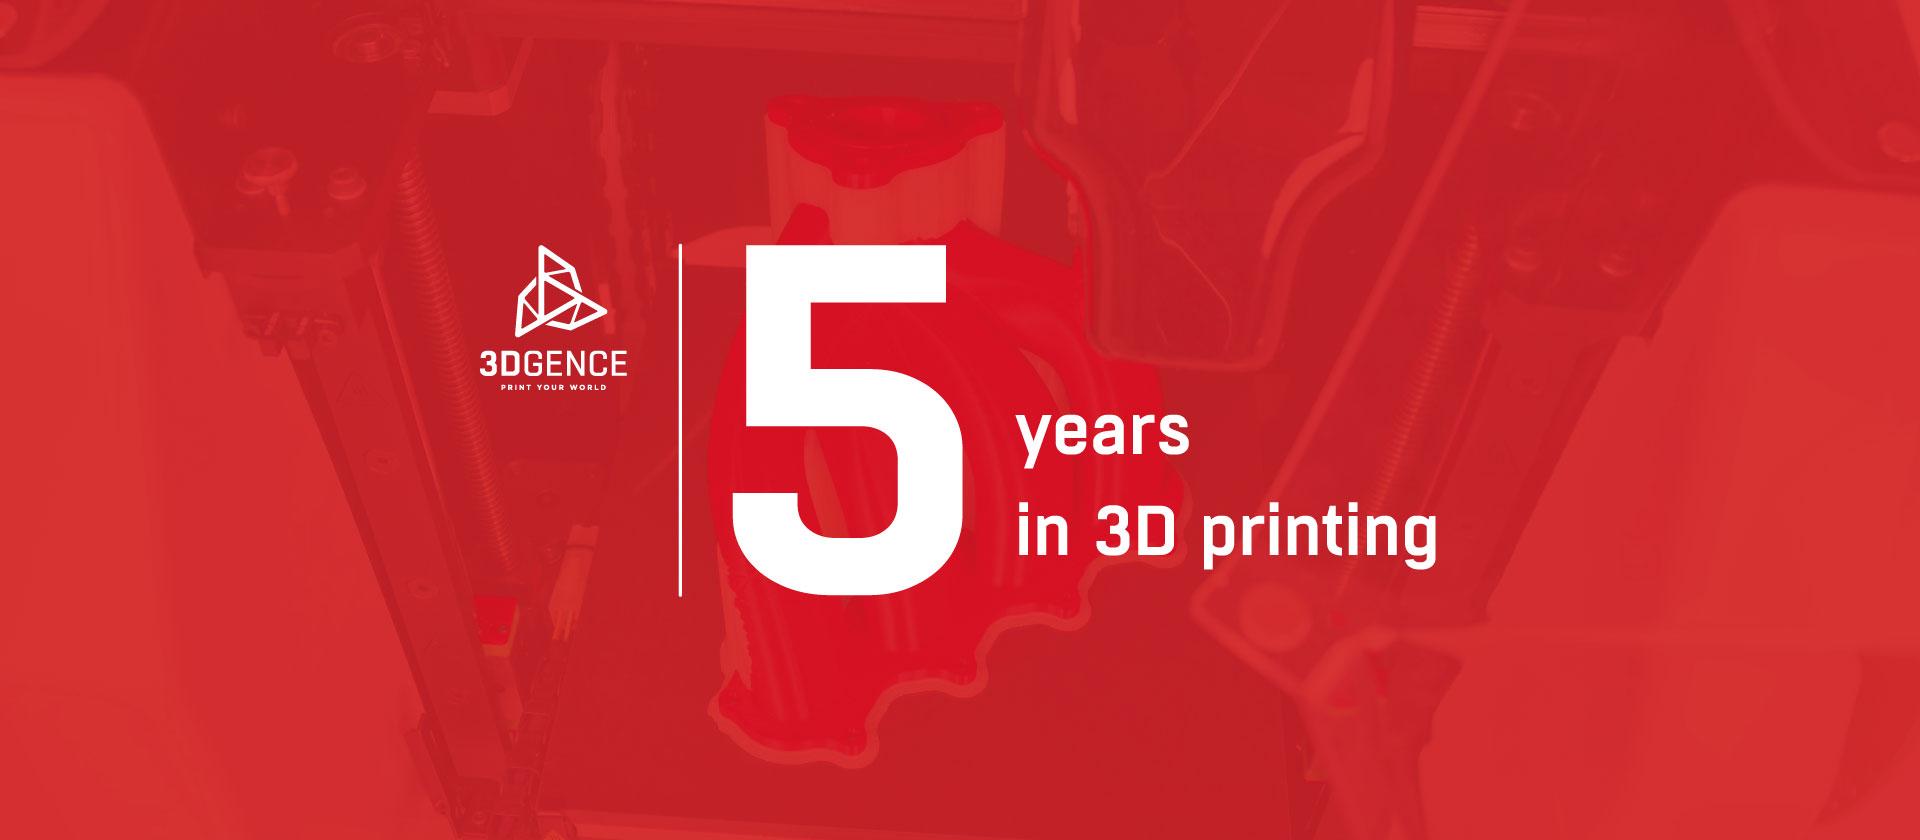 3DGence świętuje 5-lecie działalności